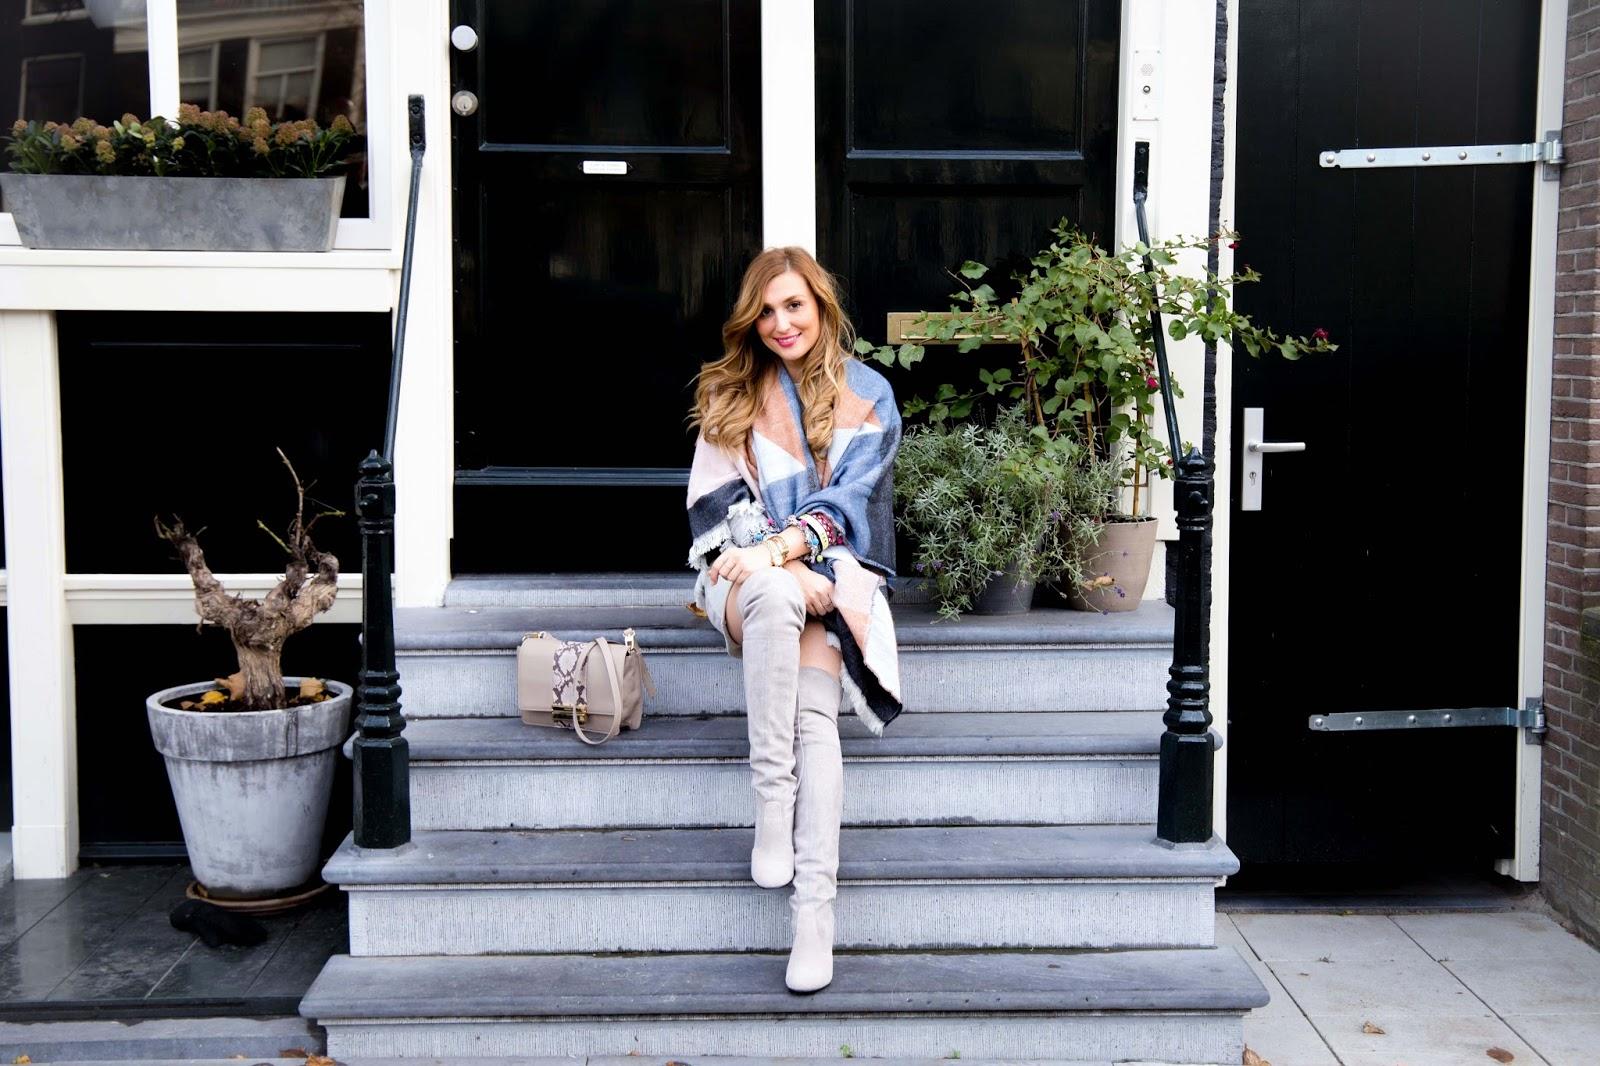 Fashionblogger-aus-frankfurt-frankfurt-blogger-blogger-aus-fashionblogger-beautyblogger-blogger-aus-deutschland-fashionstylebyjohanna-sheinside-shein